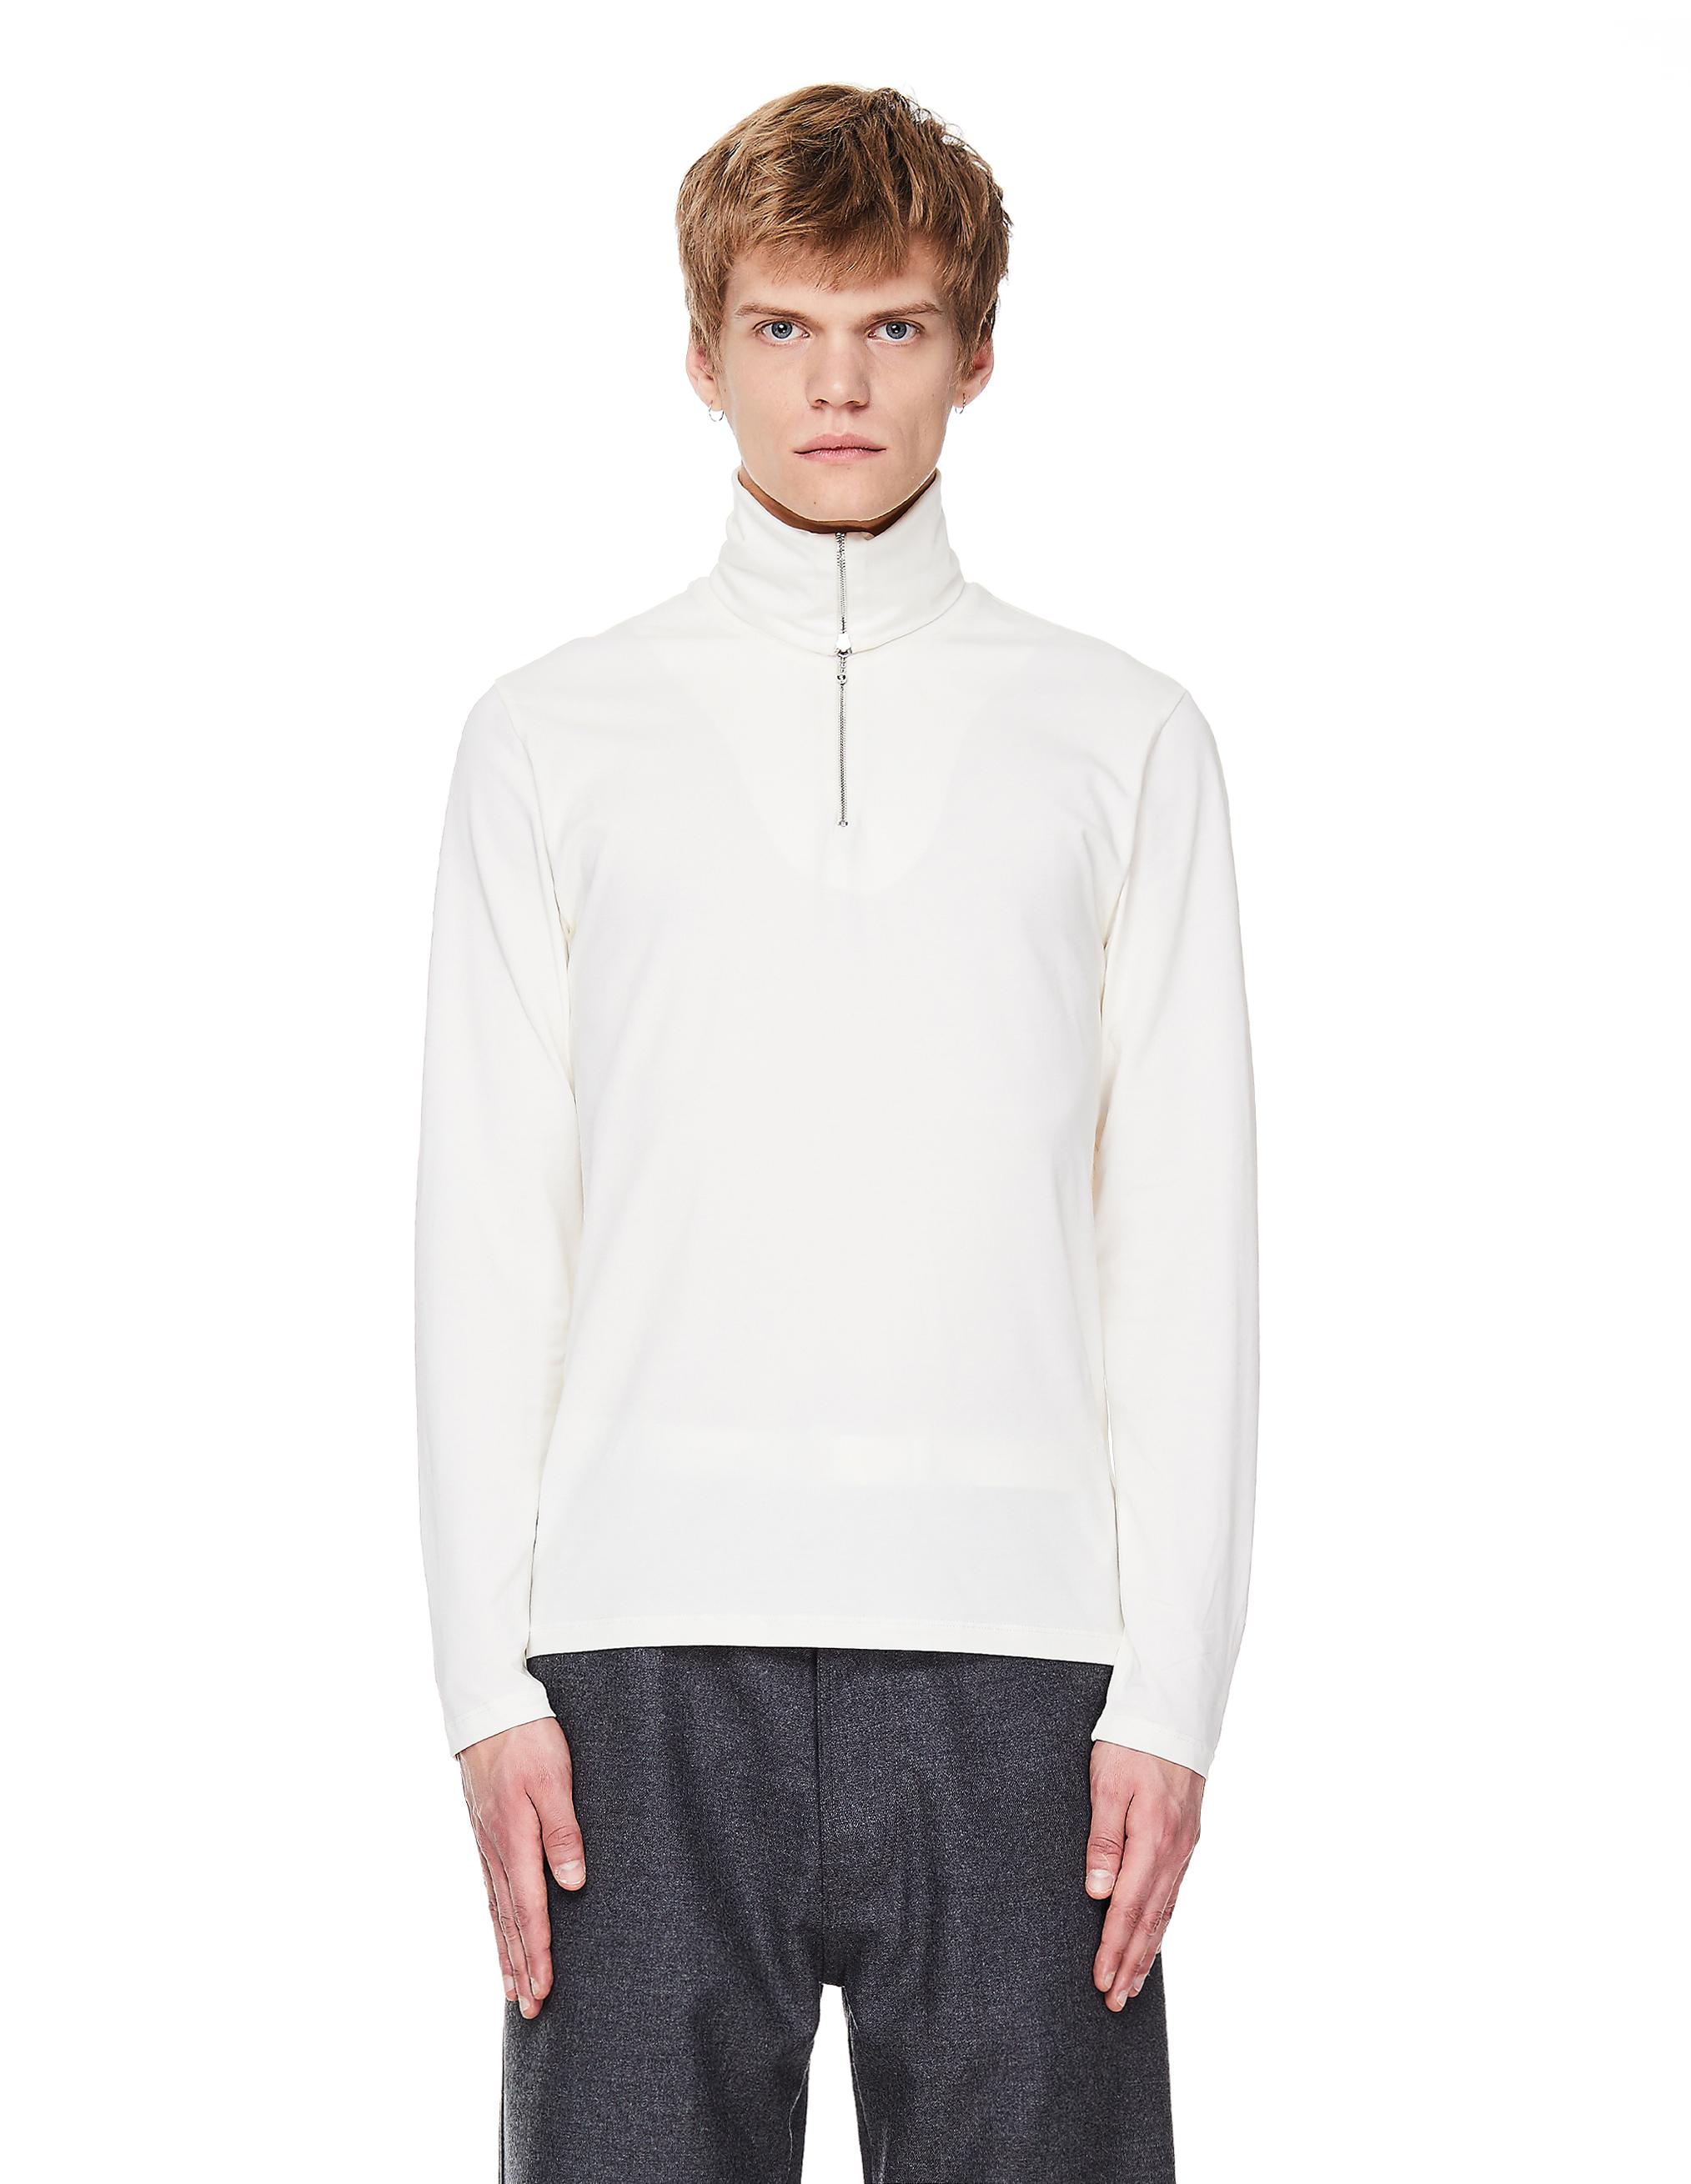 Jil Sander White Cotton Turtleneck